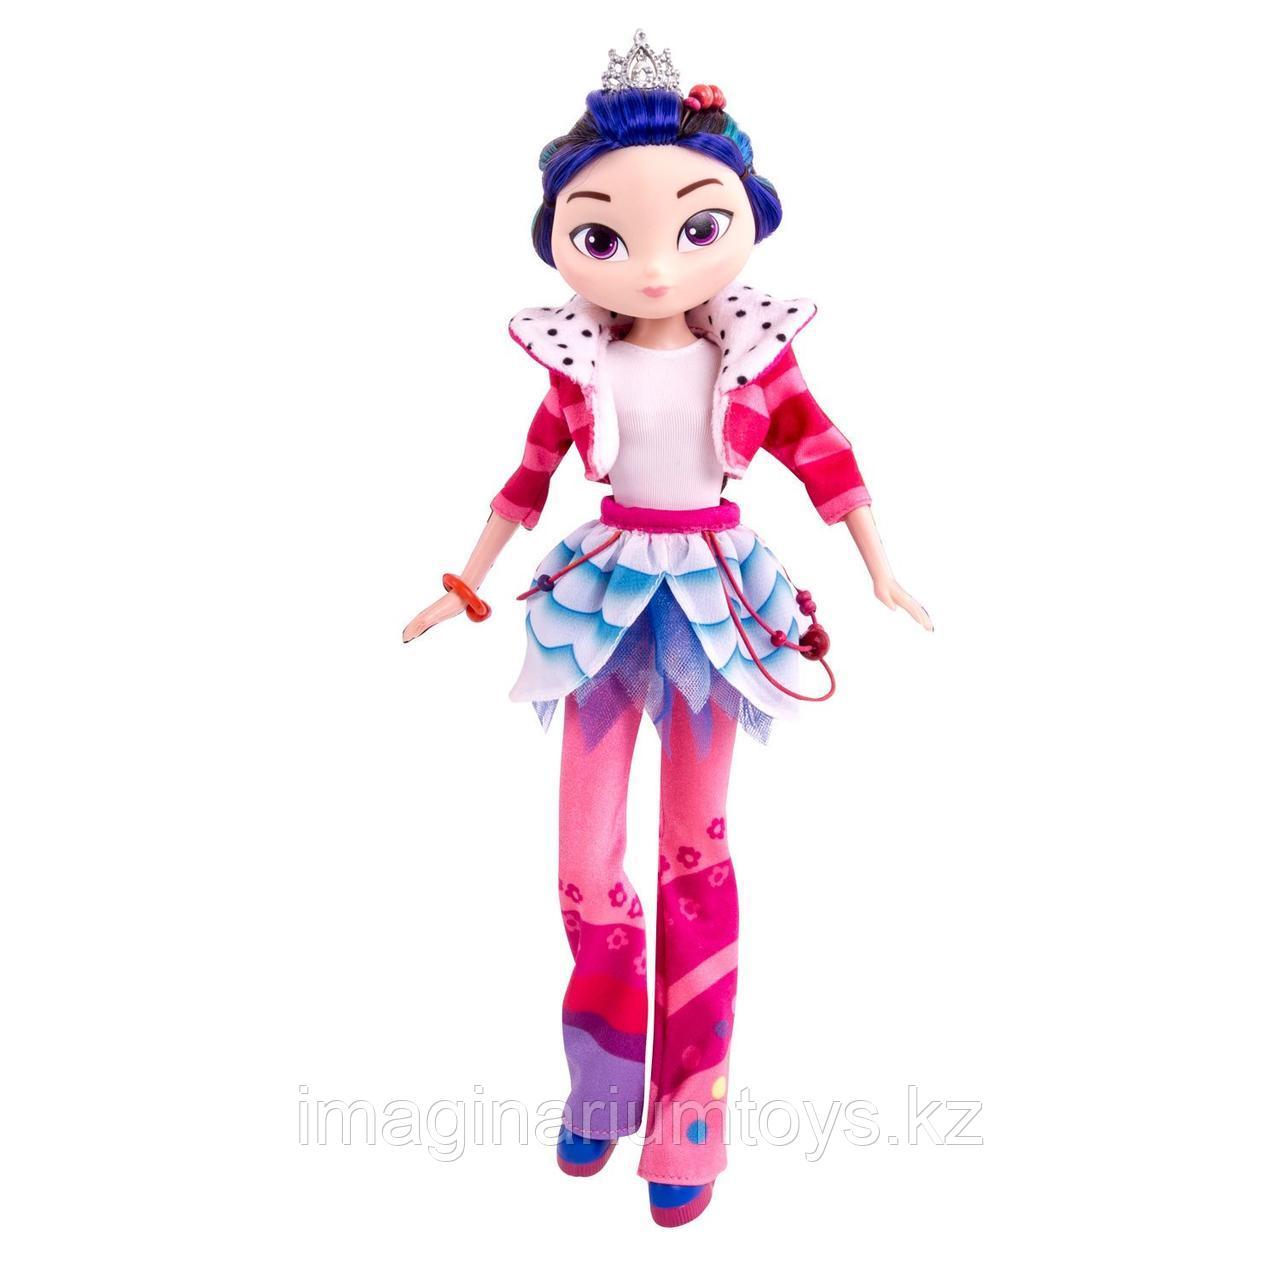 Кукла Сказочный патруль Варя серия Music 28 см